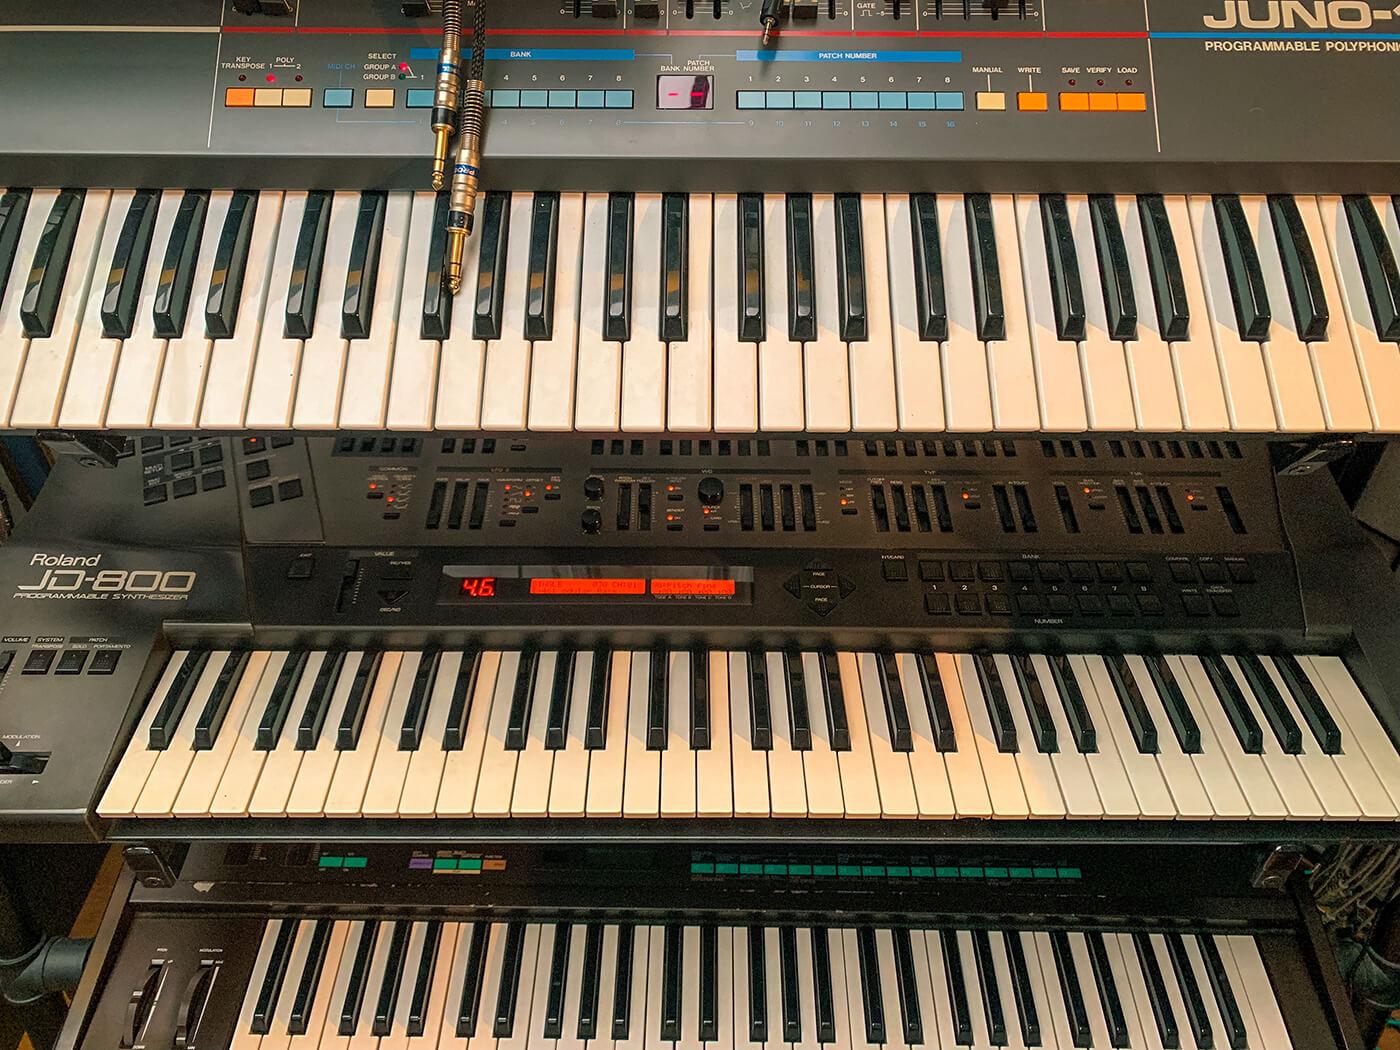 Rodriguez Jr's Juno 106 & JD800 & DX7